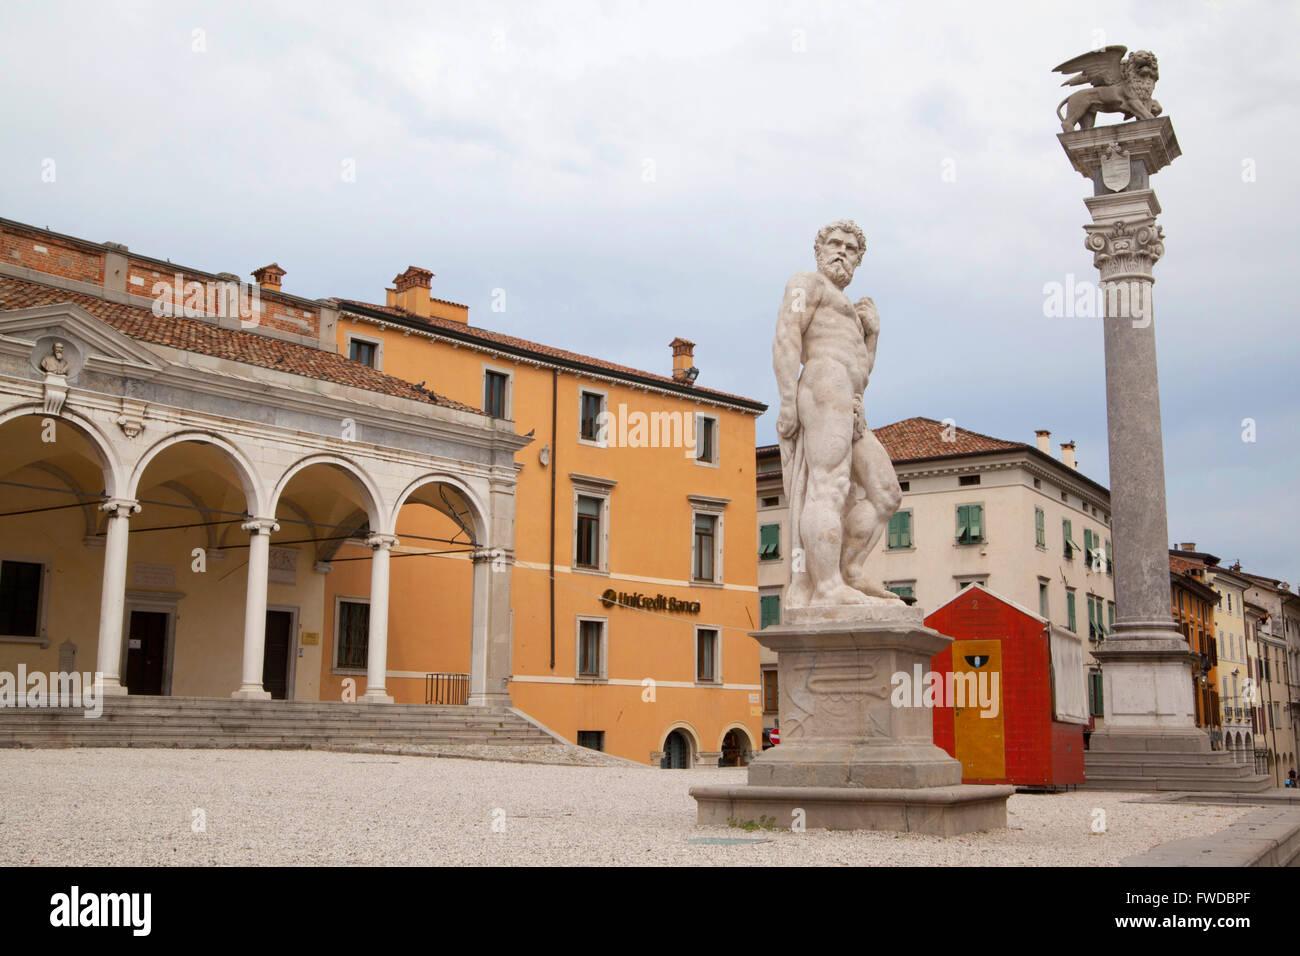 Statue in Piazza Libertà. Udine, Italy. - Stock Image